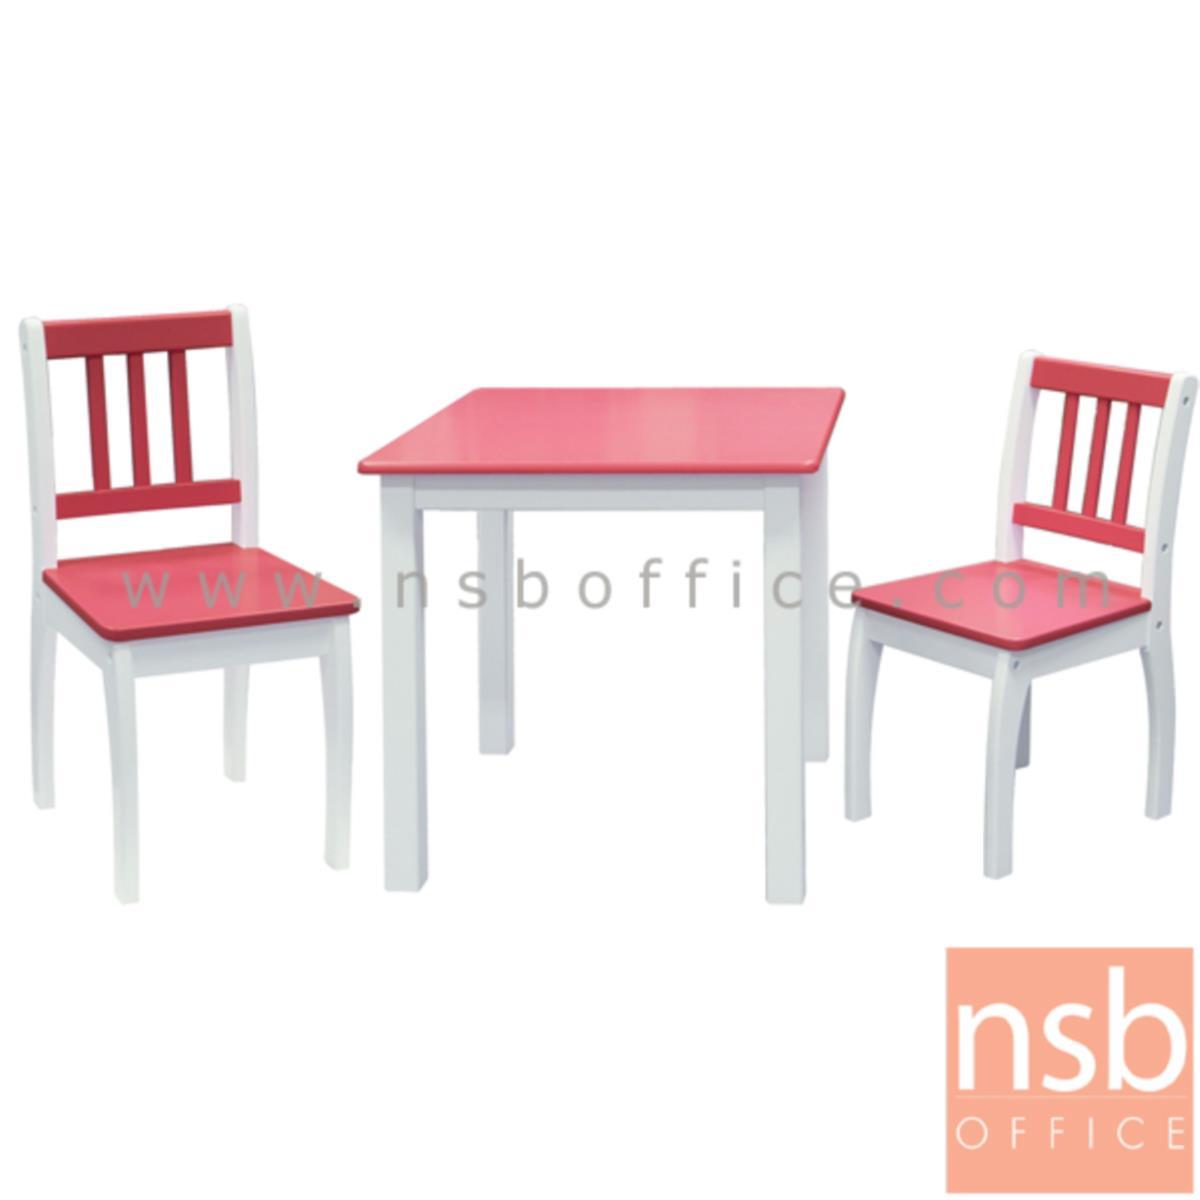 G14A161:ชุดโต๊ะเด็กหน้าไม้โฟเมก้า 2 ที่นั่ง รุ่น Cuba (คิวบา) ขนาด 60W cm.  พร้อมเก้าอี้